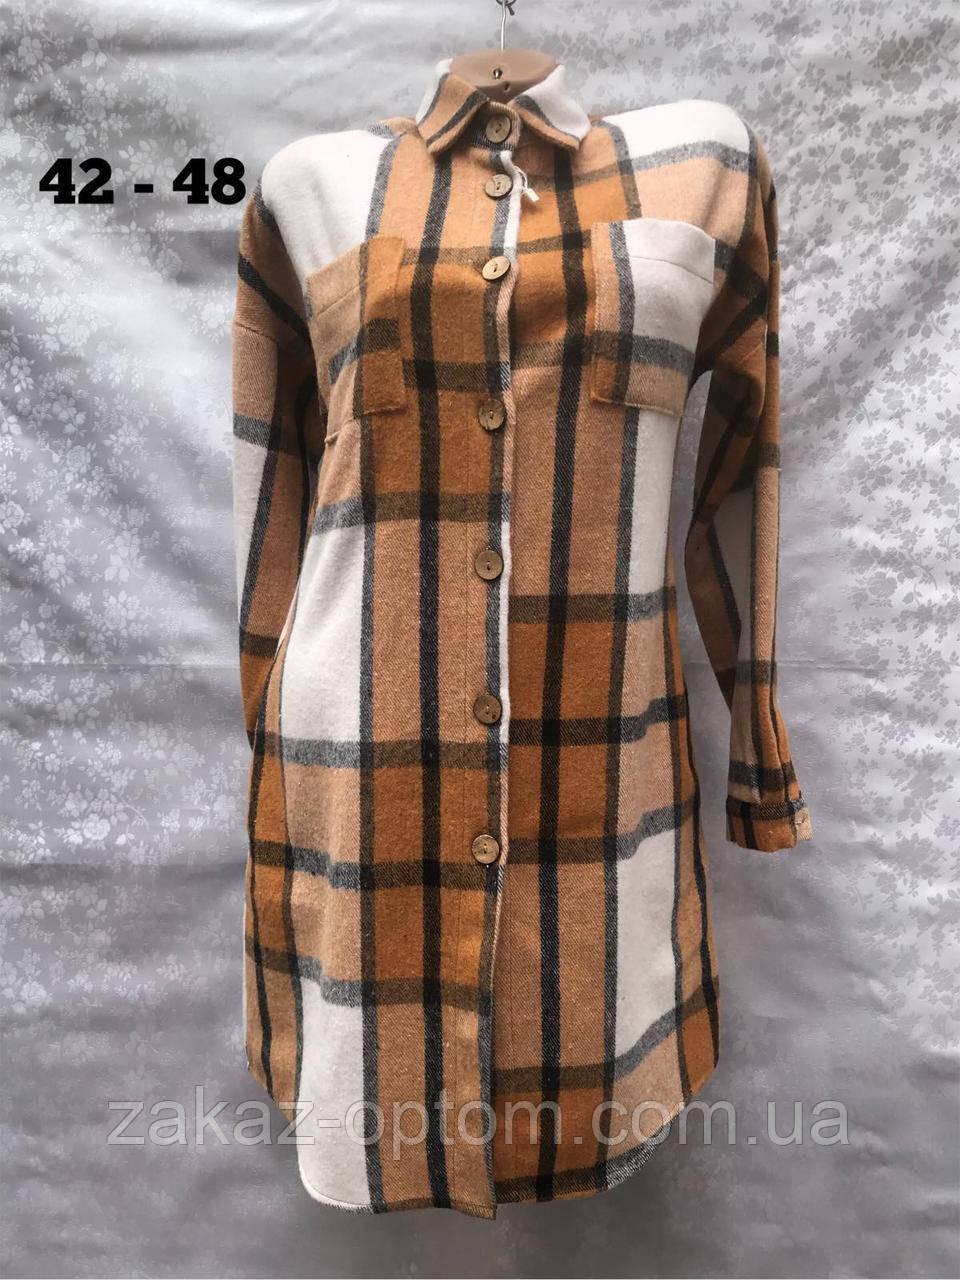 Рубашка женская оптом(42-48)Украина-63014